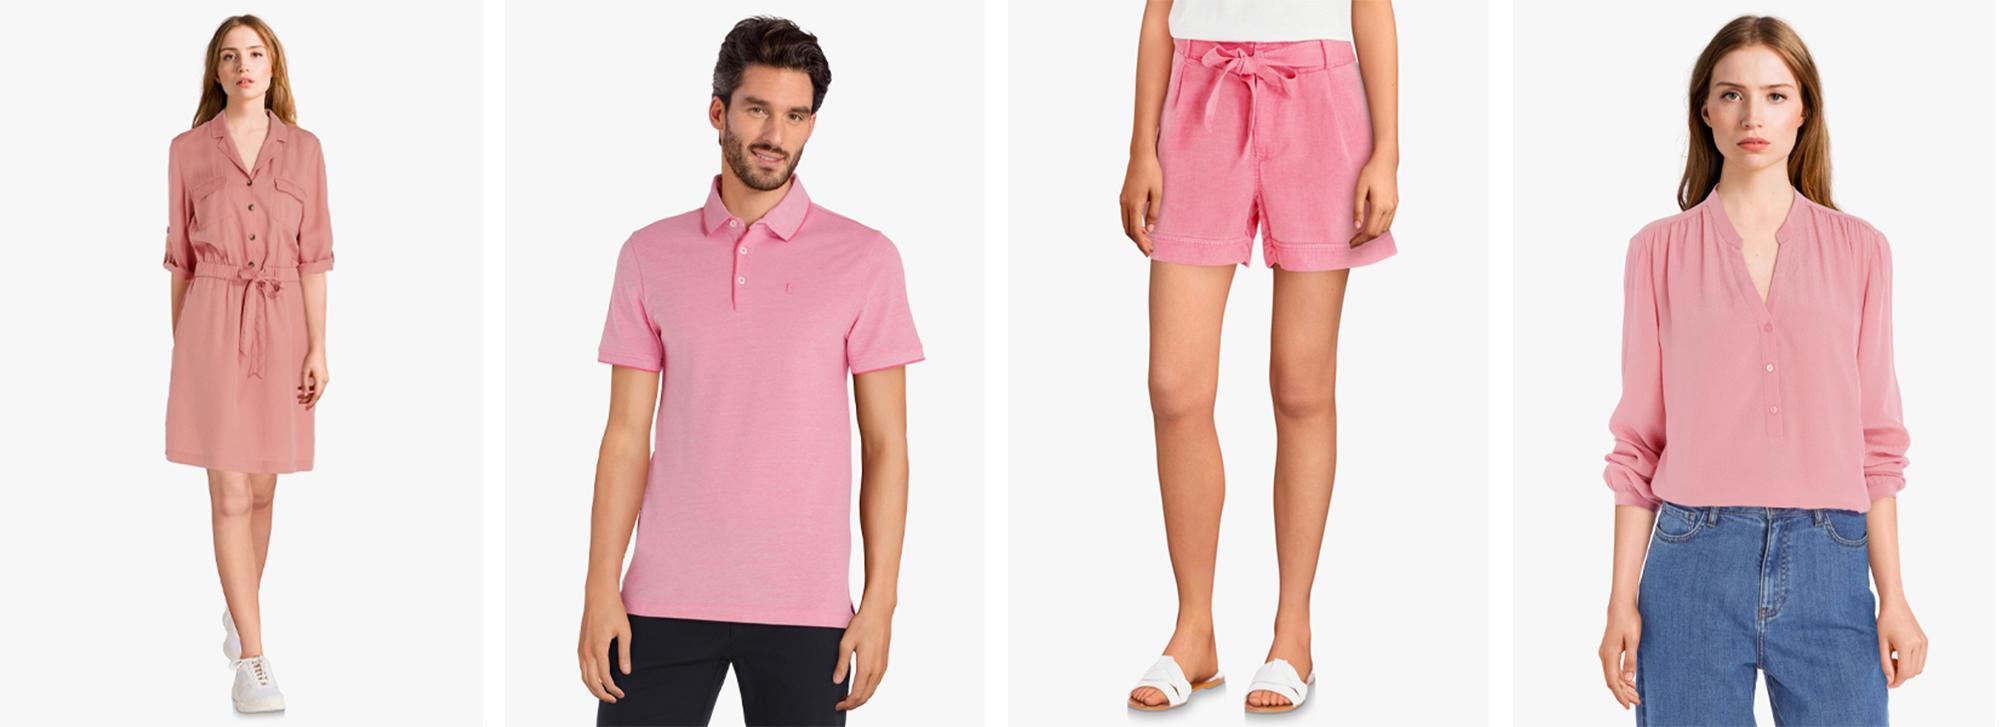 Solden shoppen: kleur jouw zomer met deze koopjes 6